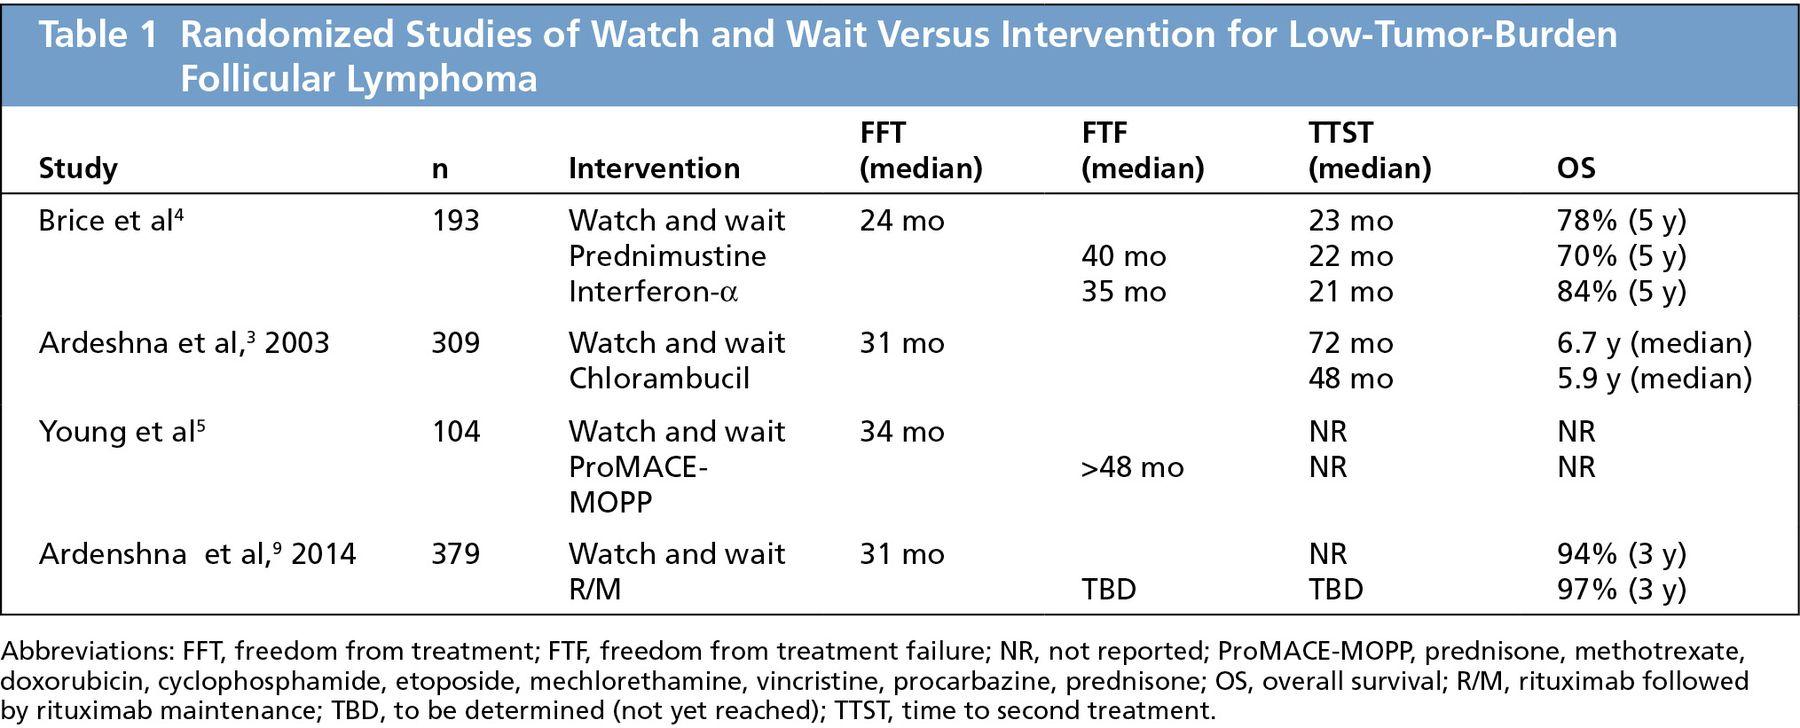 Is Observation Dead in Follicular Lymphoma? Still